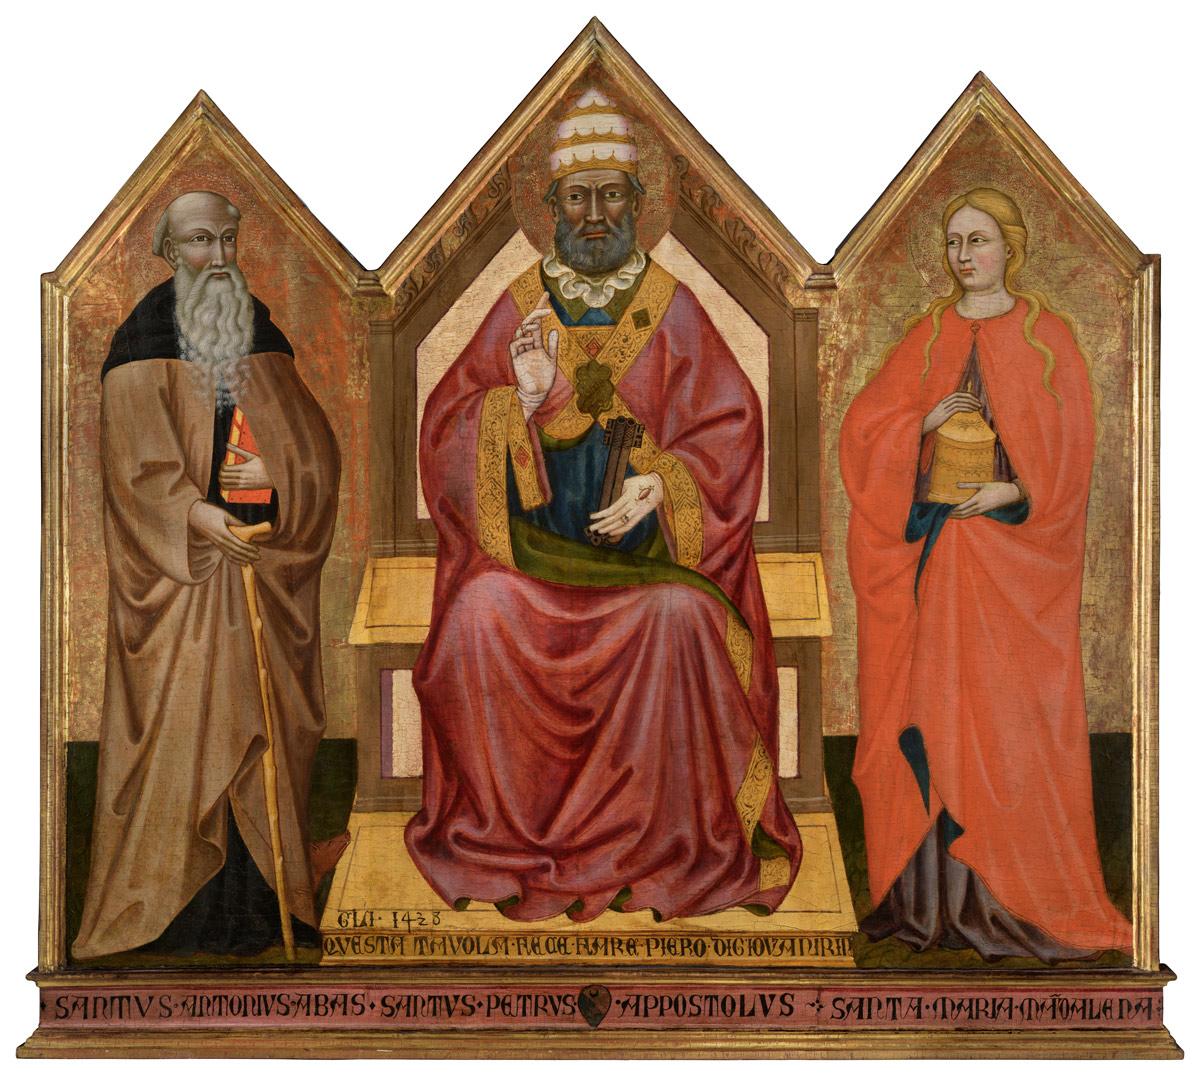 Miracolo ad Avenza: la parrocchia del borgo ottiene il suo trittico del 1438 dopo più di cinquecento anni